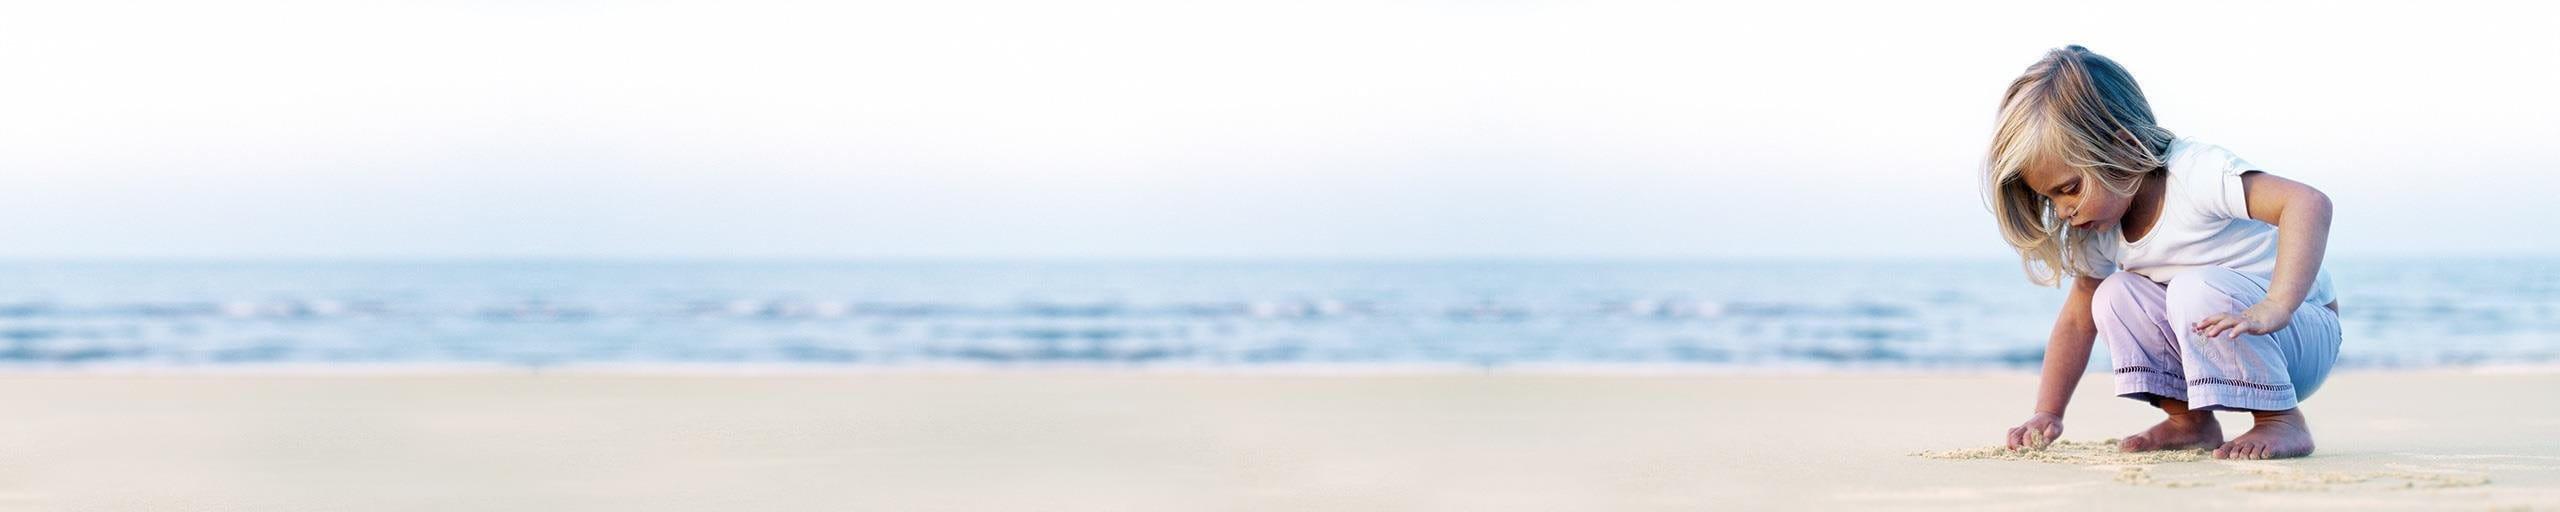 Kind im Sand.